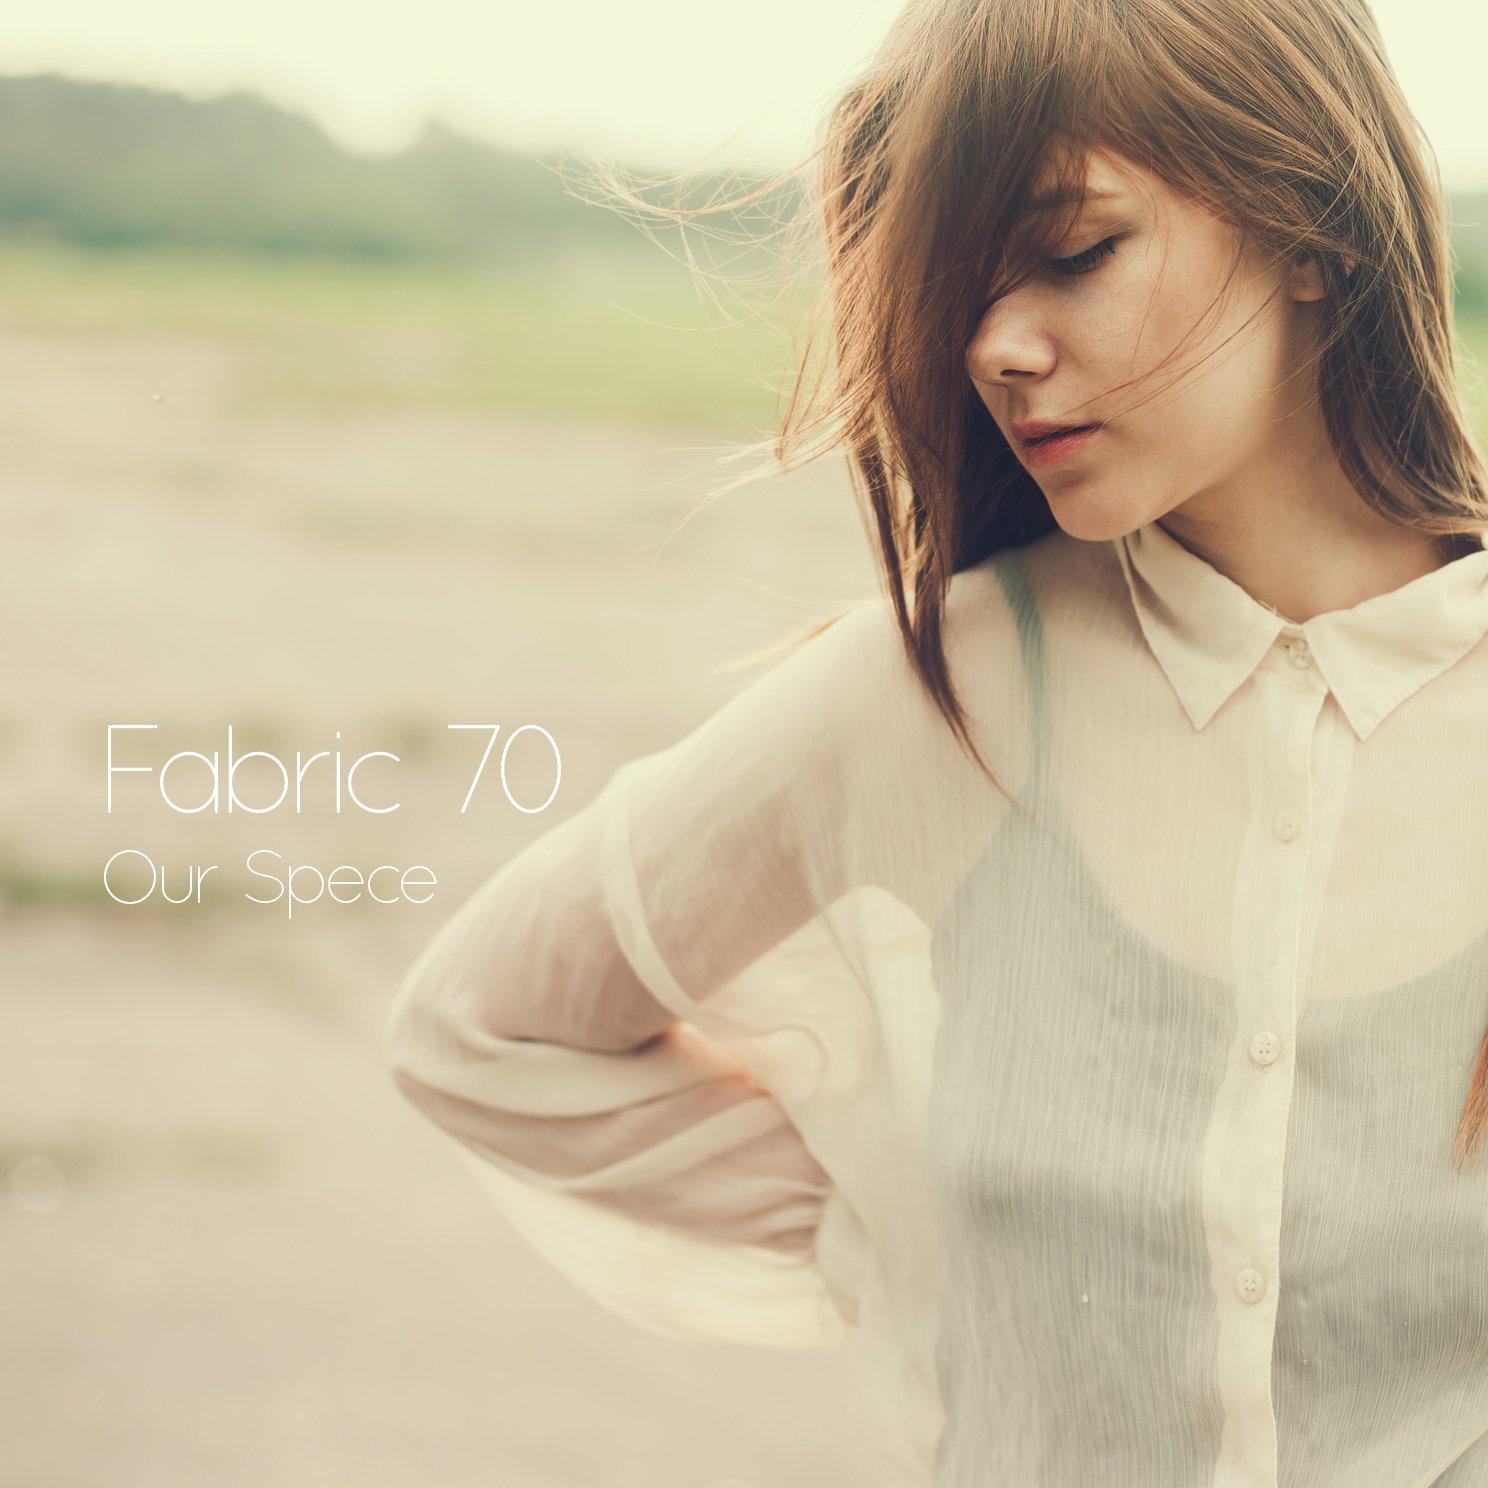 fabric 70